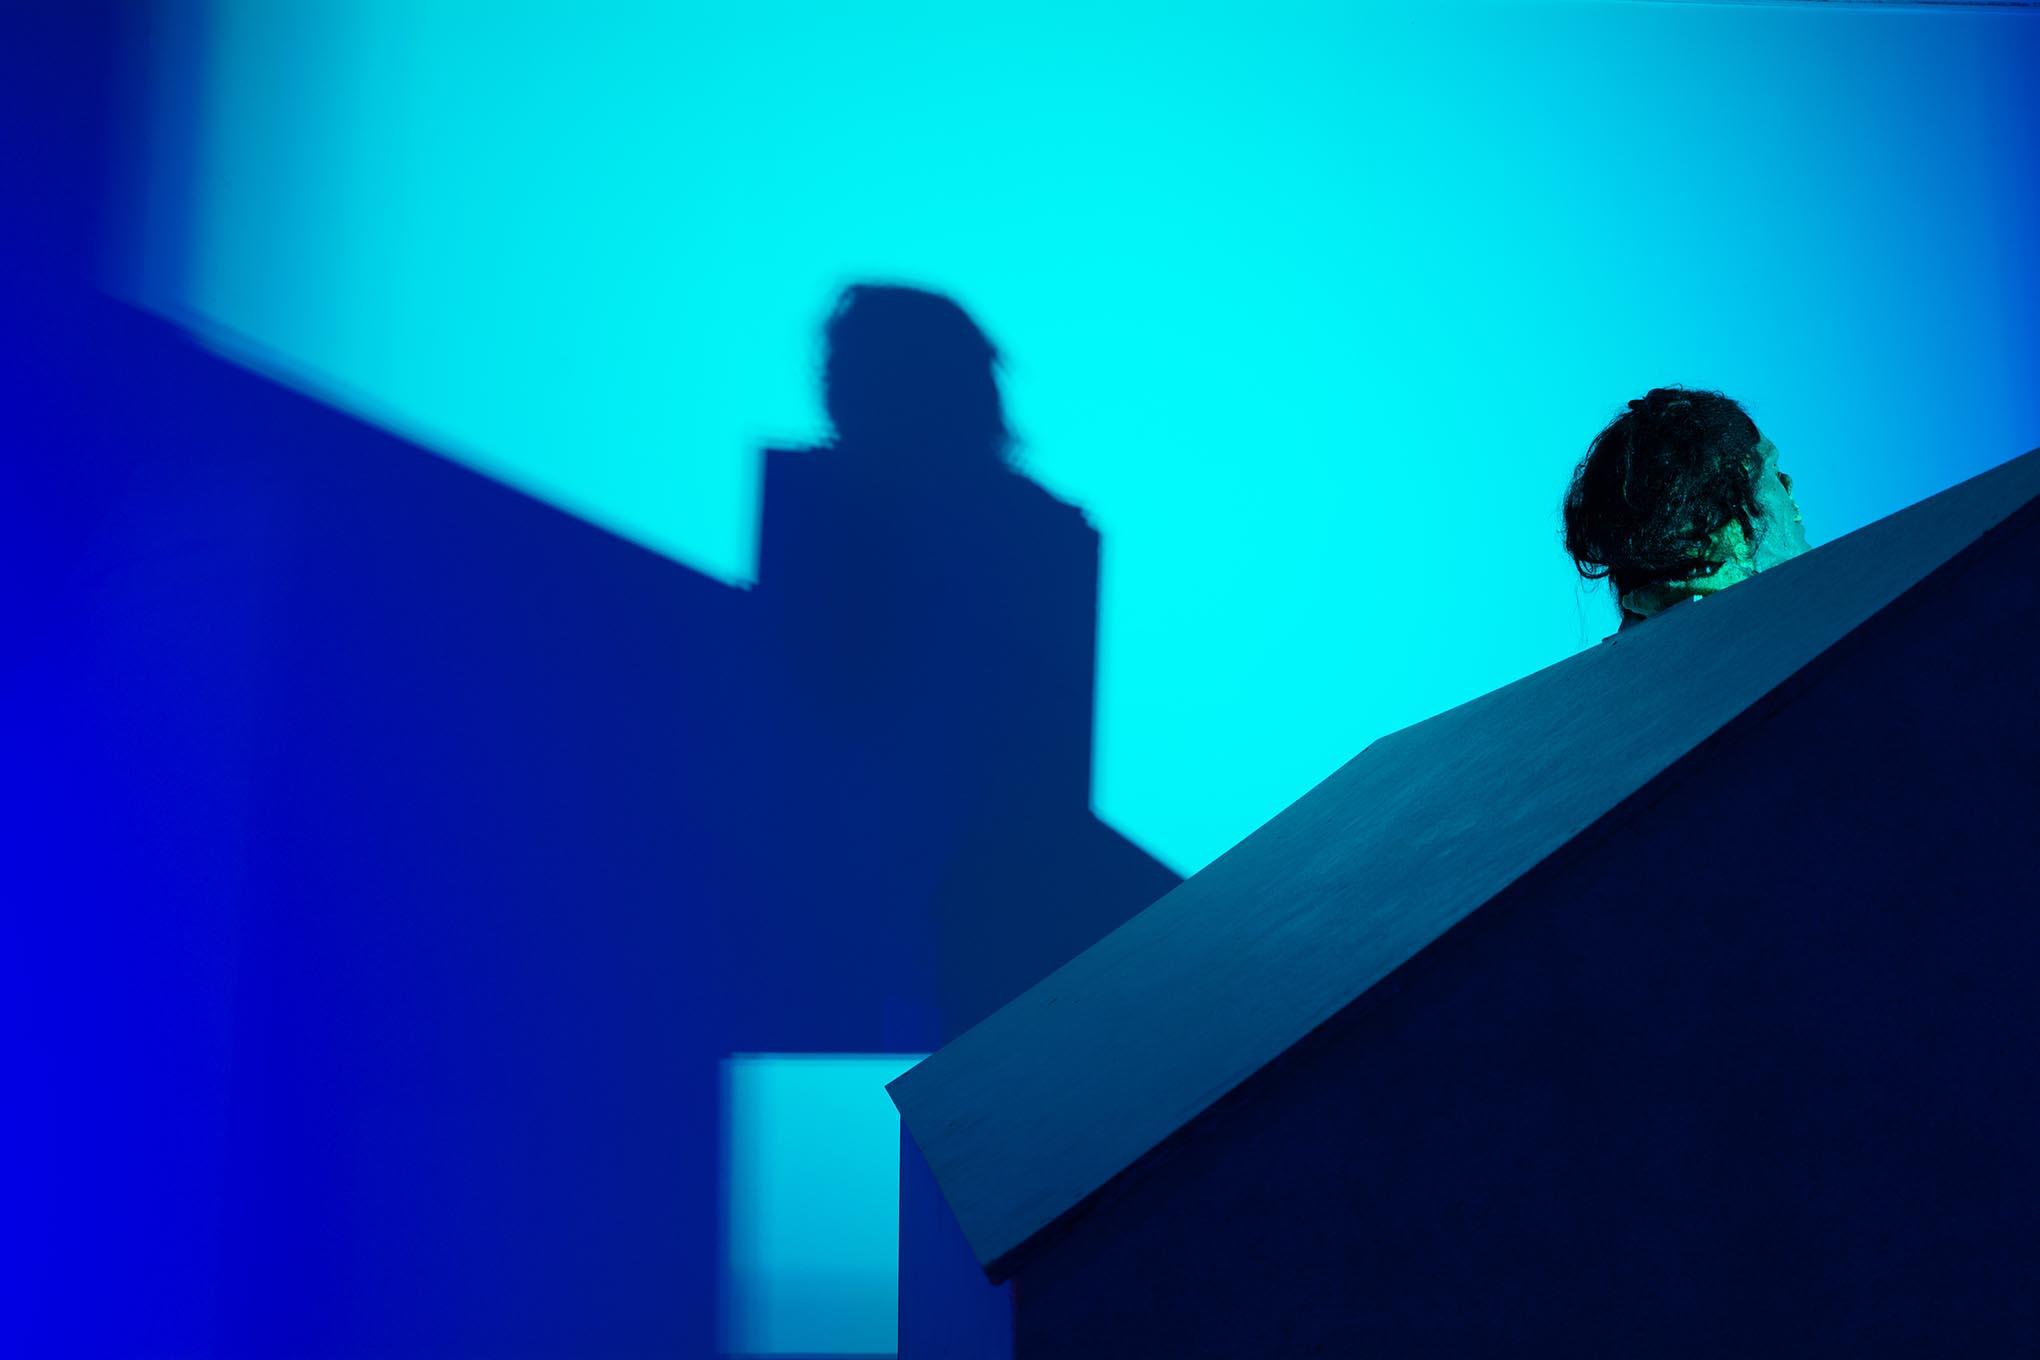 Schaduw van een huisje en een hoofd in beeldende kunst expo.